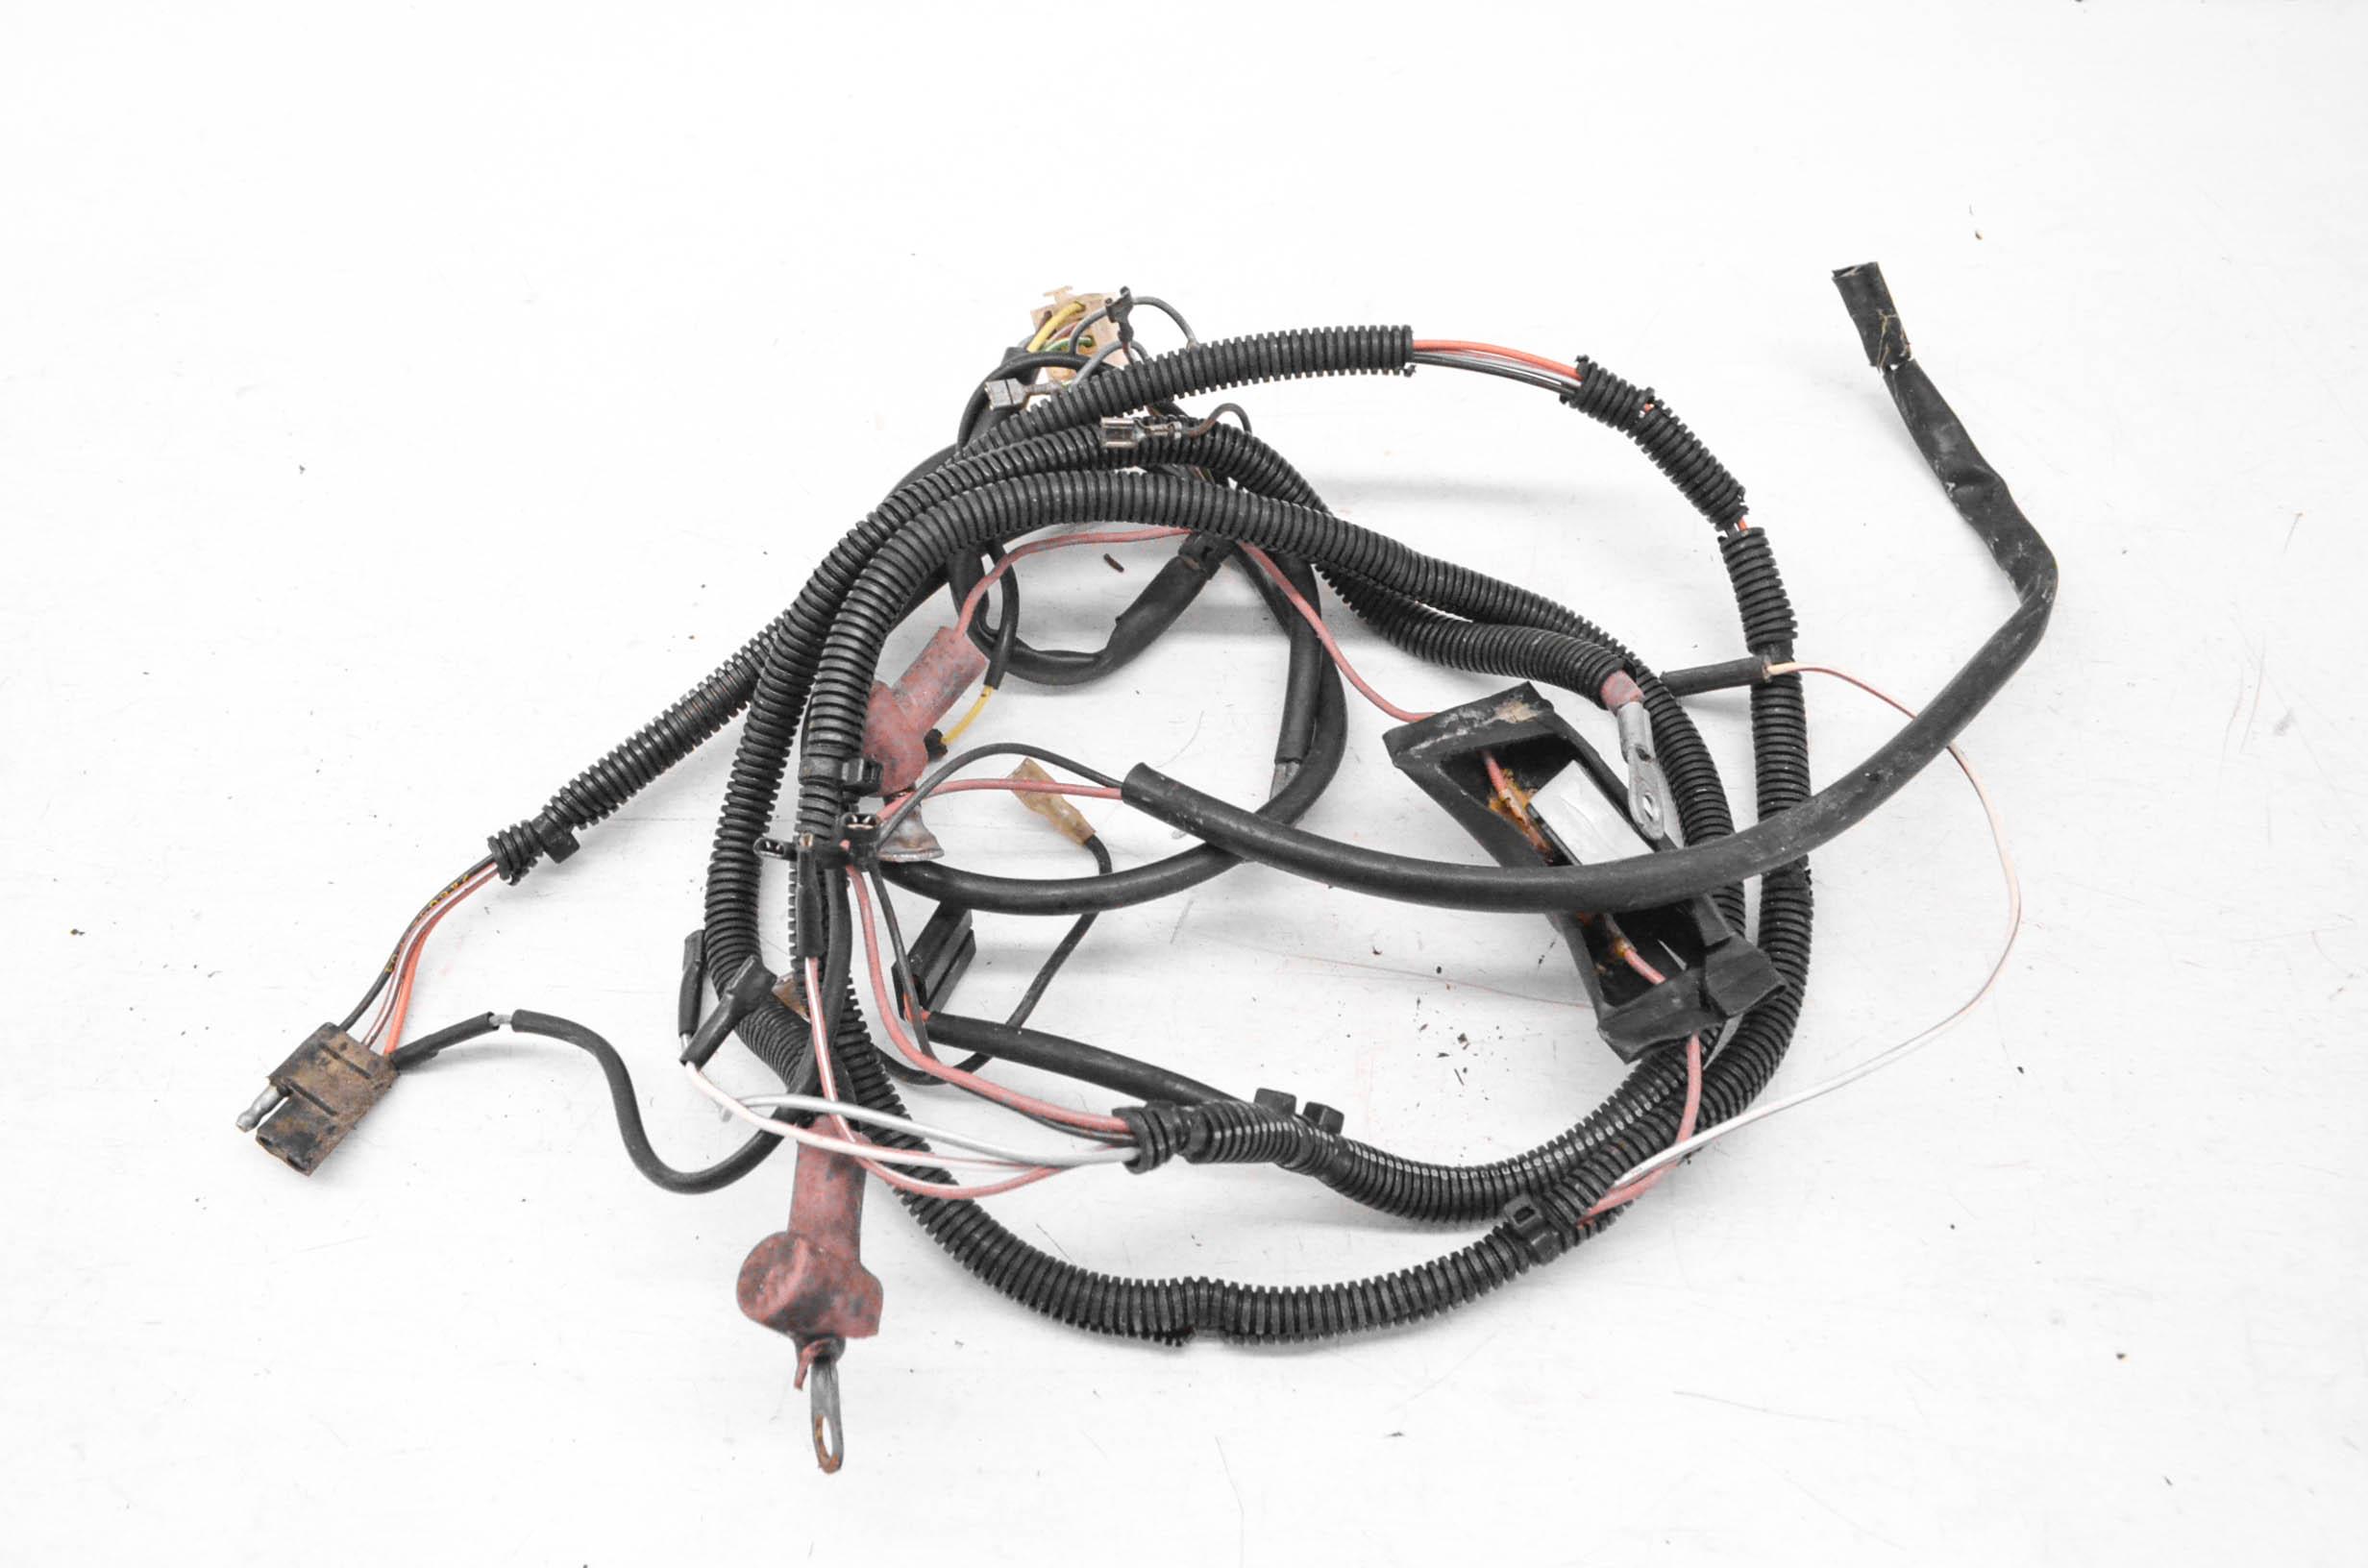 96 Polaris Sportsman 500 4x4 Wire Harness Electrical